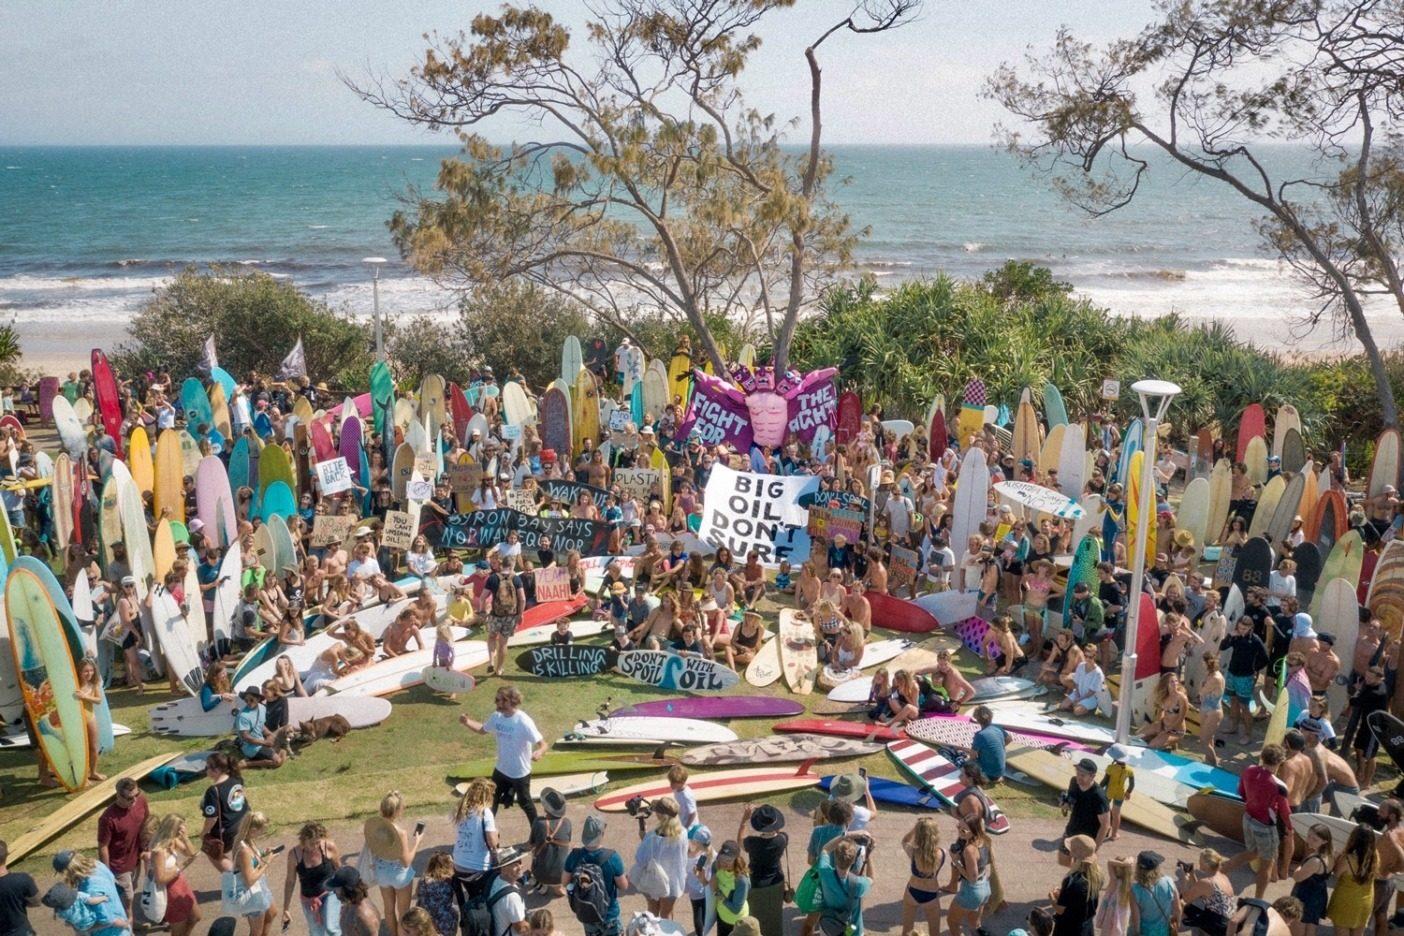 「この人たちは過激な活動家ではない。意見を表明している沿岸地域のコミュニティだ。多くの人は、それまでの人生の中で抗議活動をしたことはなかった。だからこそ、これらの集会には強い意味があった」 Photo:MATTY HANNON